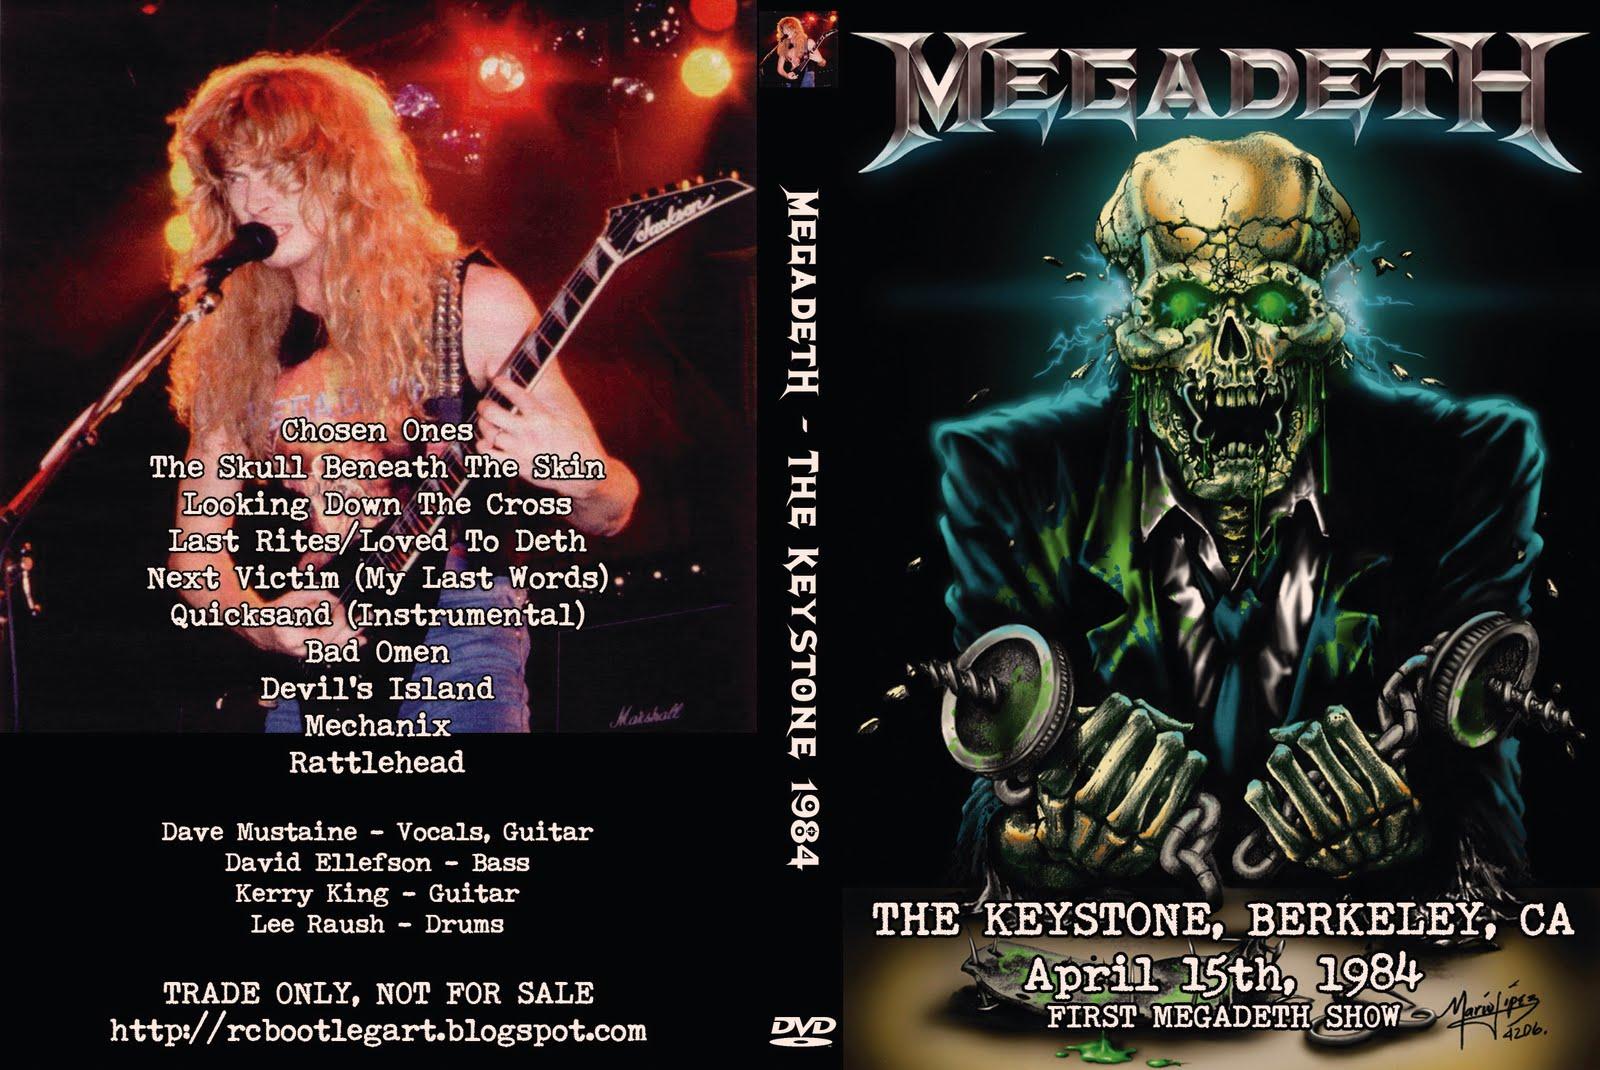 http://3.bp.blogspot.com/-FNIyXAMMHzY/TmGpOeor-cI/AAAAAAAAAJ0/AbAnoU3e1pQ/s1600/Megadeth_1984-04-15_BerkeleyCA_1DVD.jpg